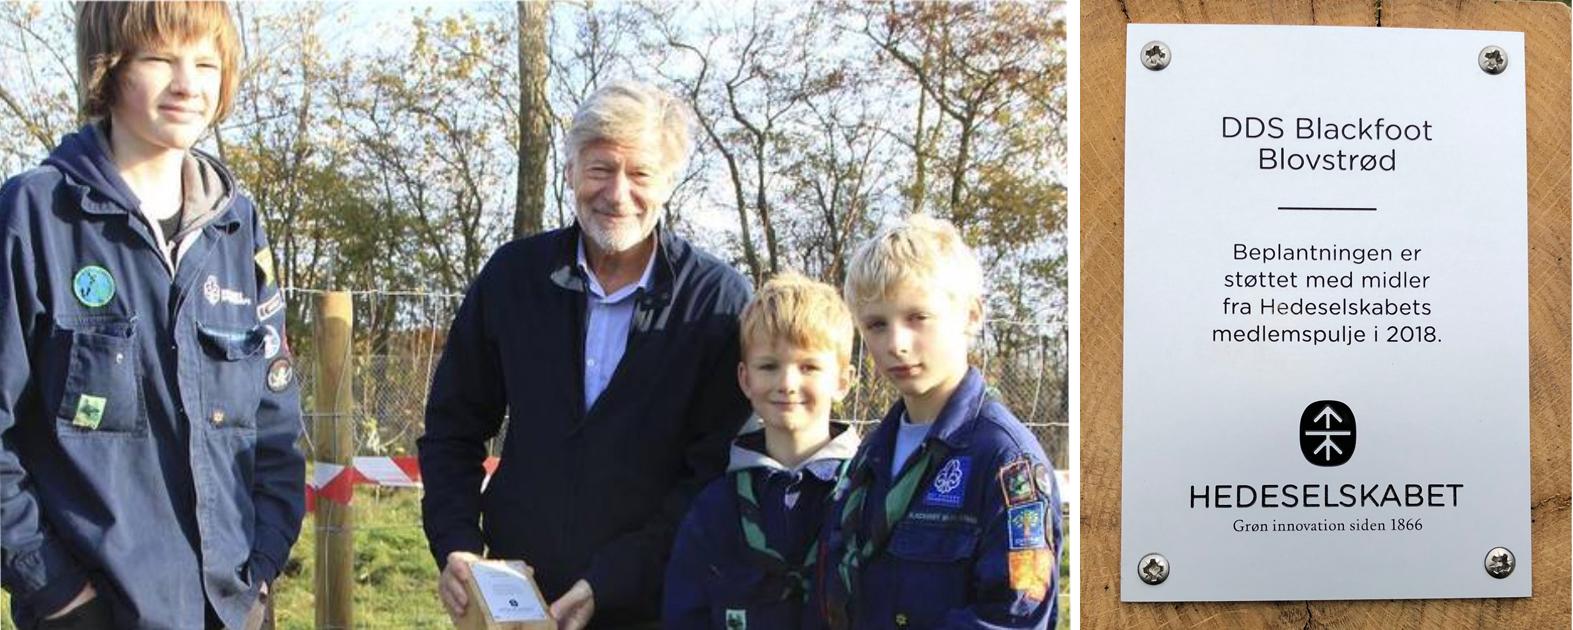 Hedeselskabets lokale ambassadør, Hans Peter Hjerl, får hjælp af spejderne til 'plantning' af sponsorskiltet, der fortæller at beplantningen er støttet med midler fra Hedeselskabets medlemspulje. Privatfoto